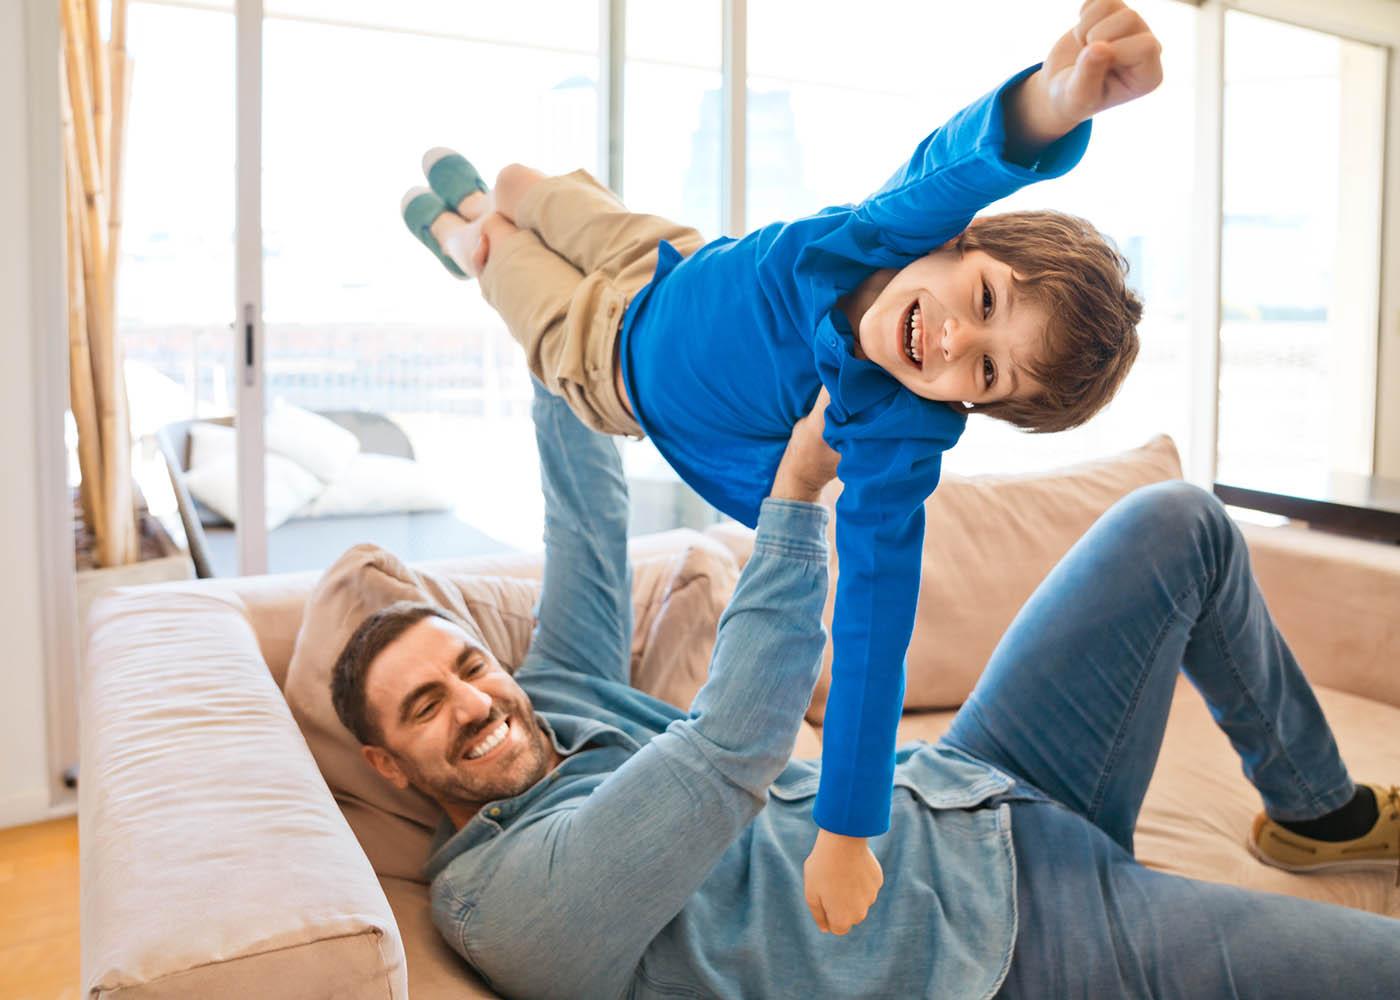 pai a brincar com o filho